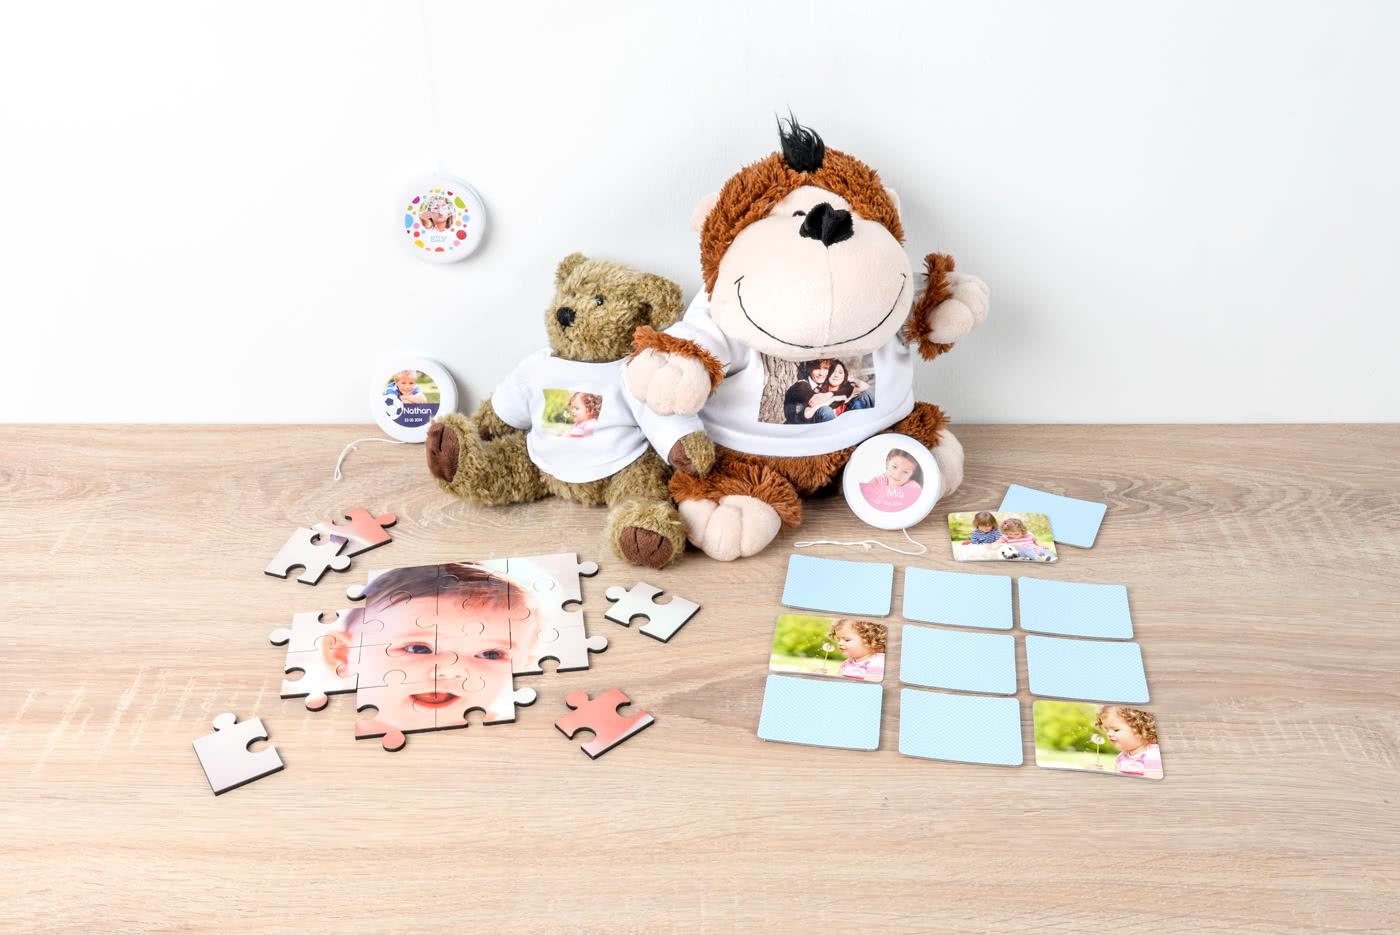 Spielzeug als fotogeschenk selbst gestalten jetzt bestellen